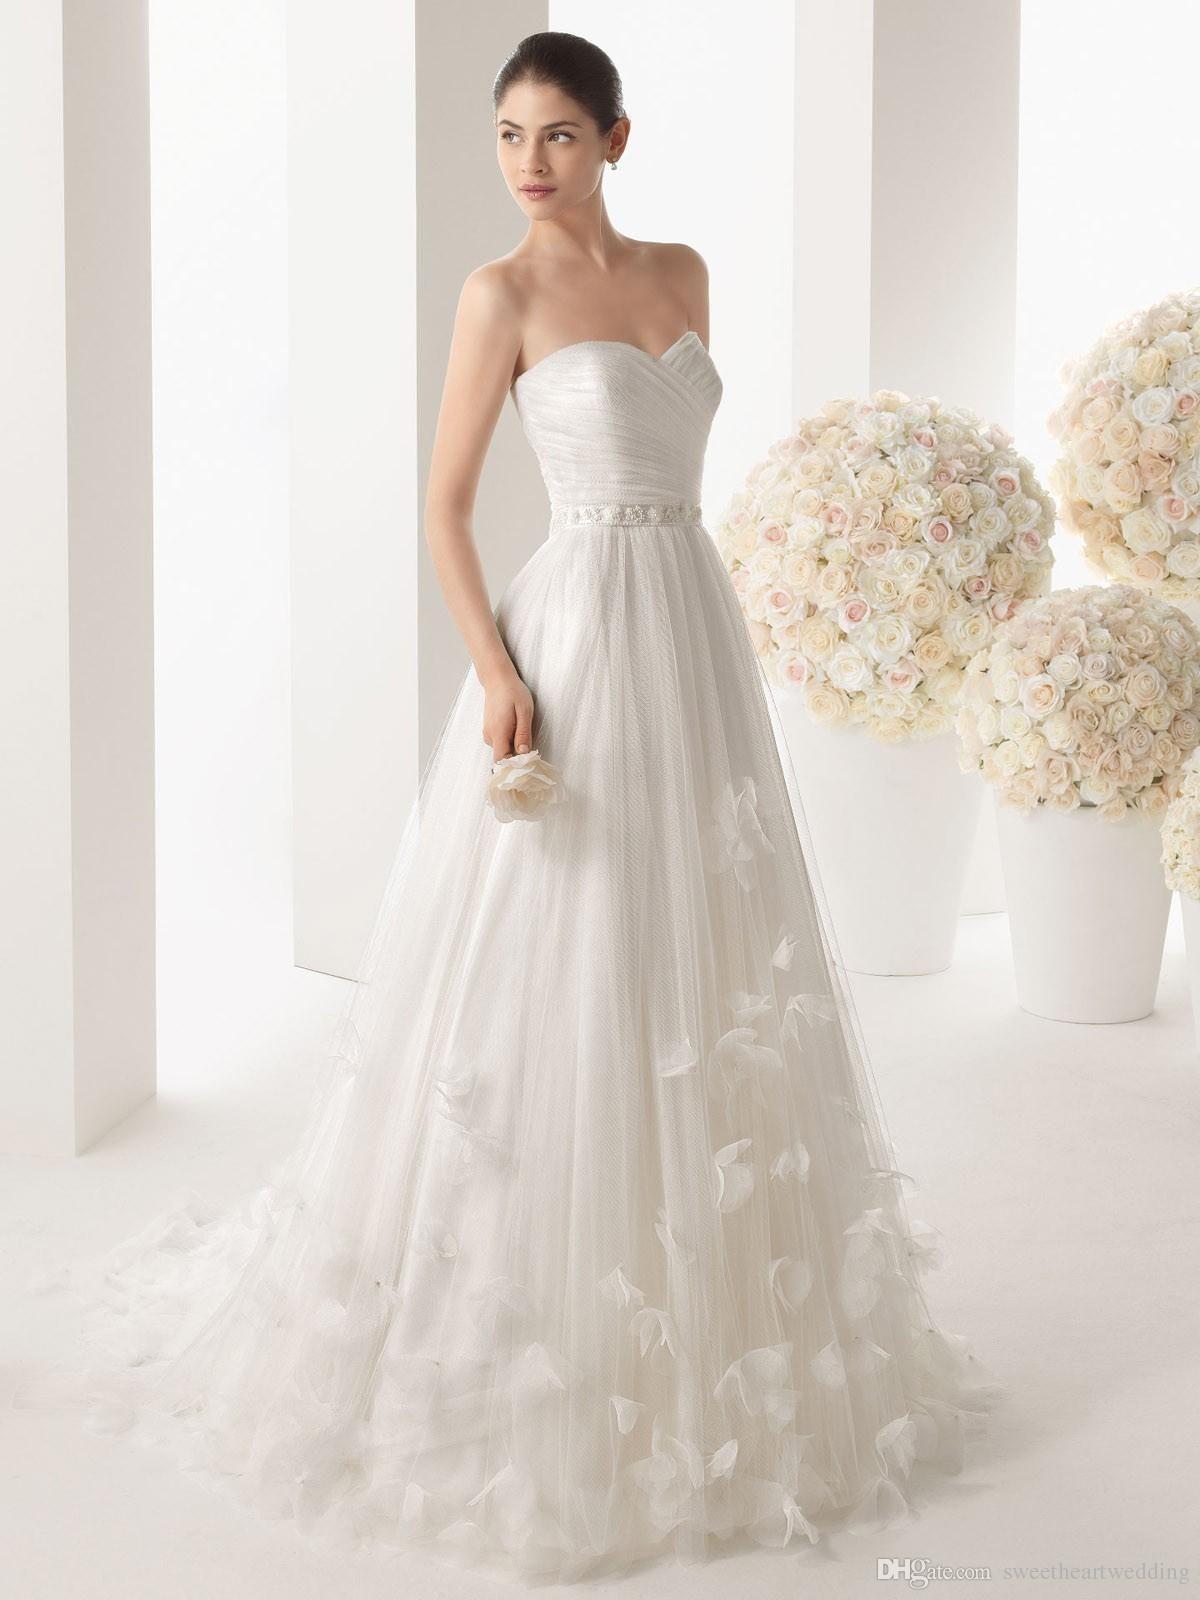 Großartig Unendlich Kleidbrautjunfer Ideen - Brautkleider Ideen ...